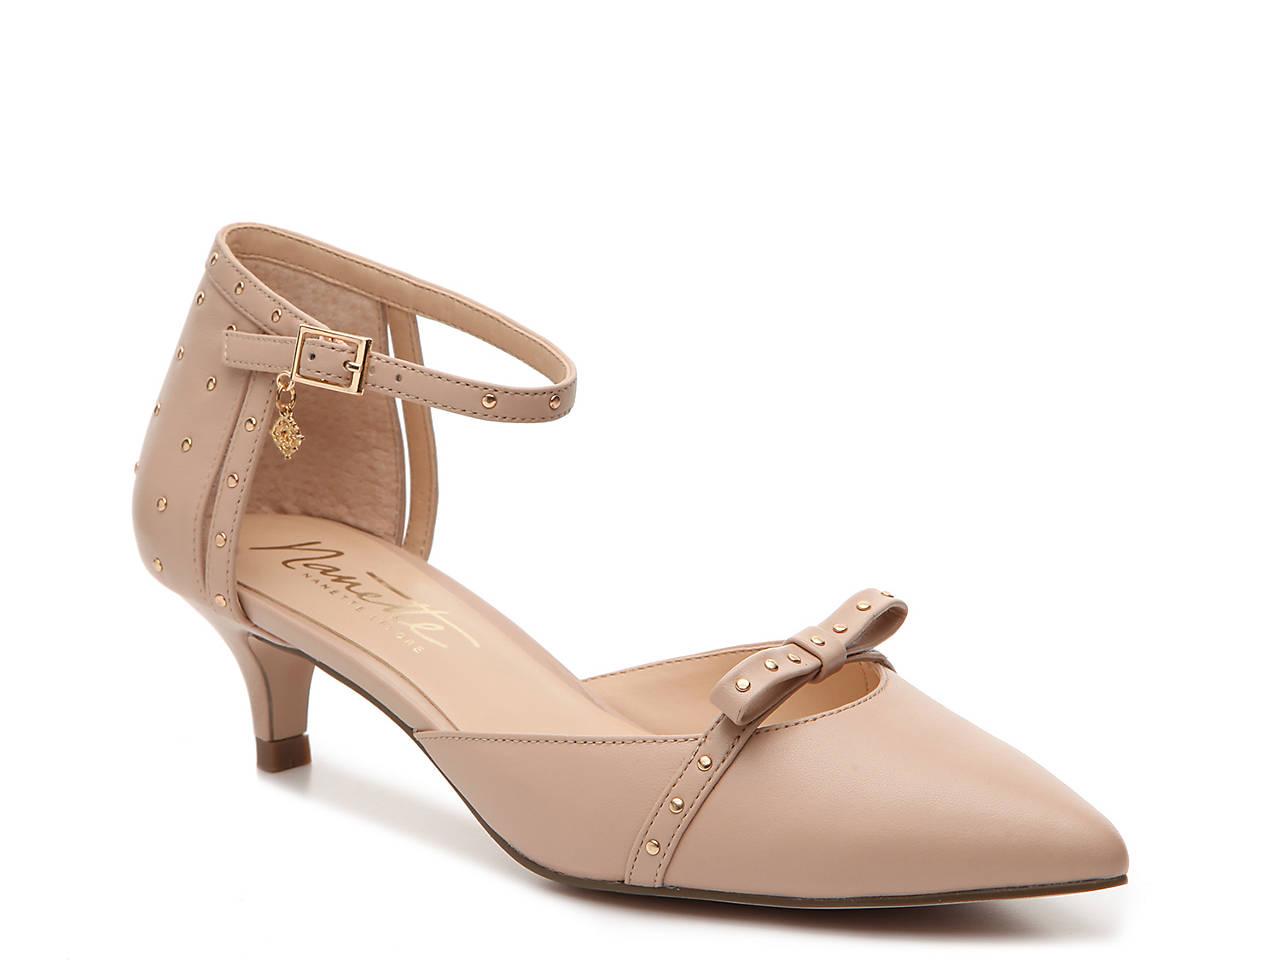 5524b1ac1808 Nanette Nanette Lepore Royal Pump Women s Shoes